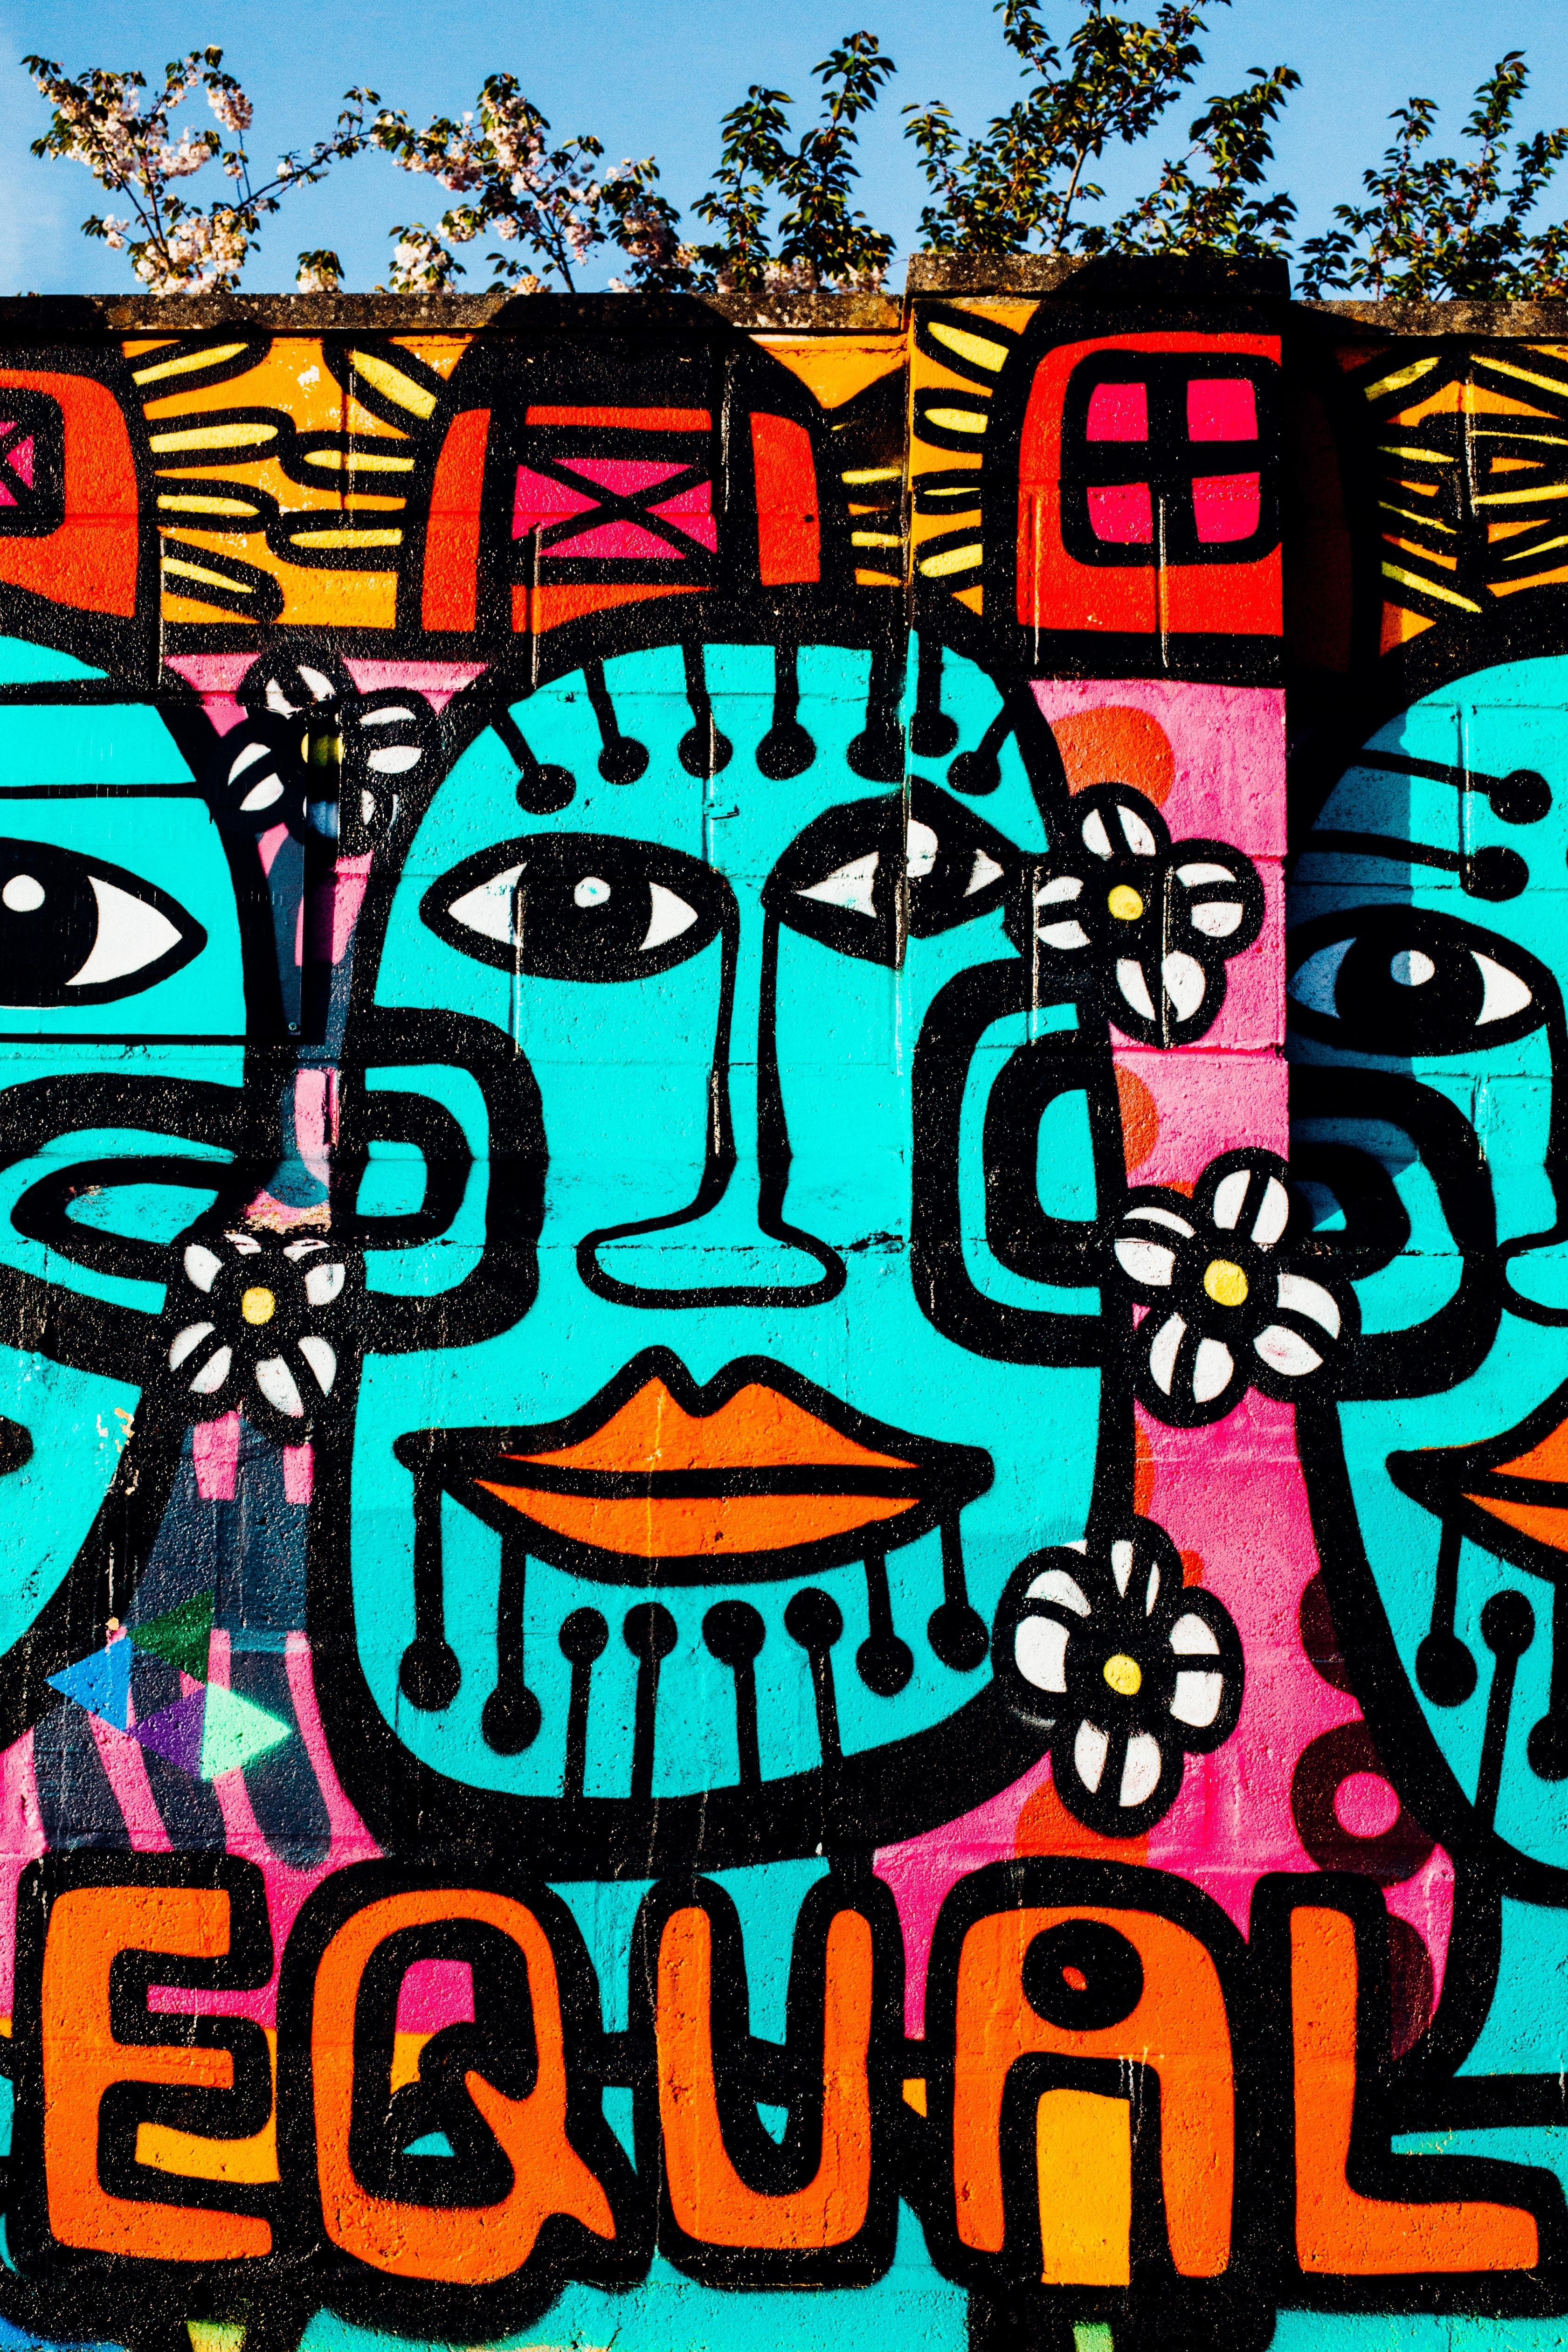 Free Images : wall, graffiti, street art, urban art, font ...